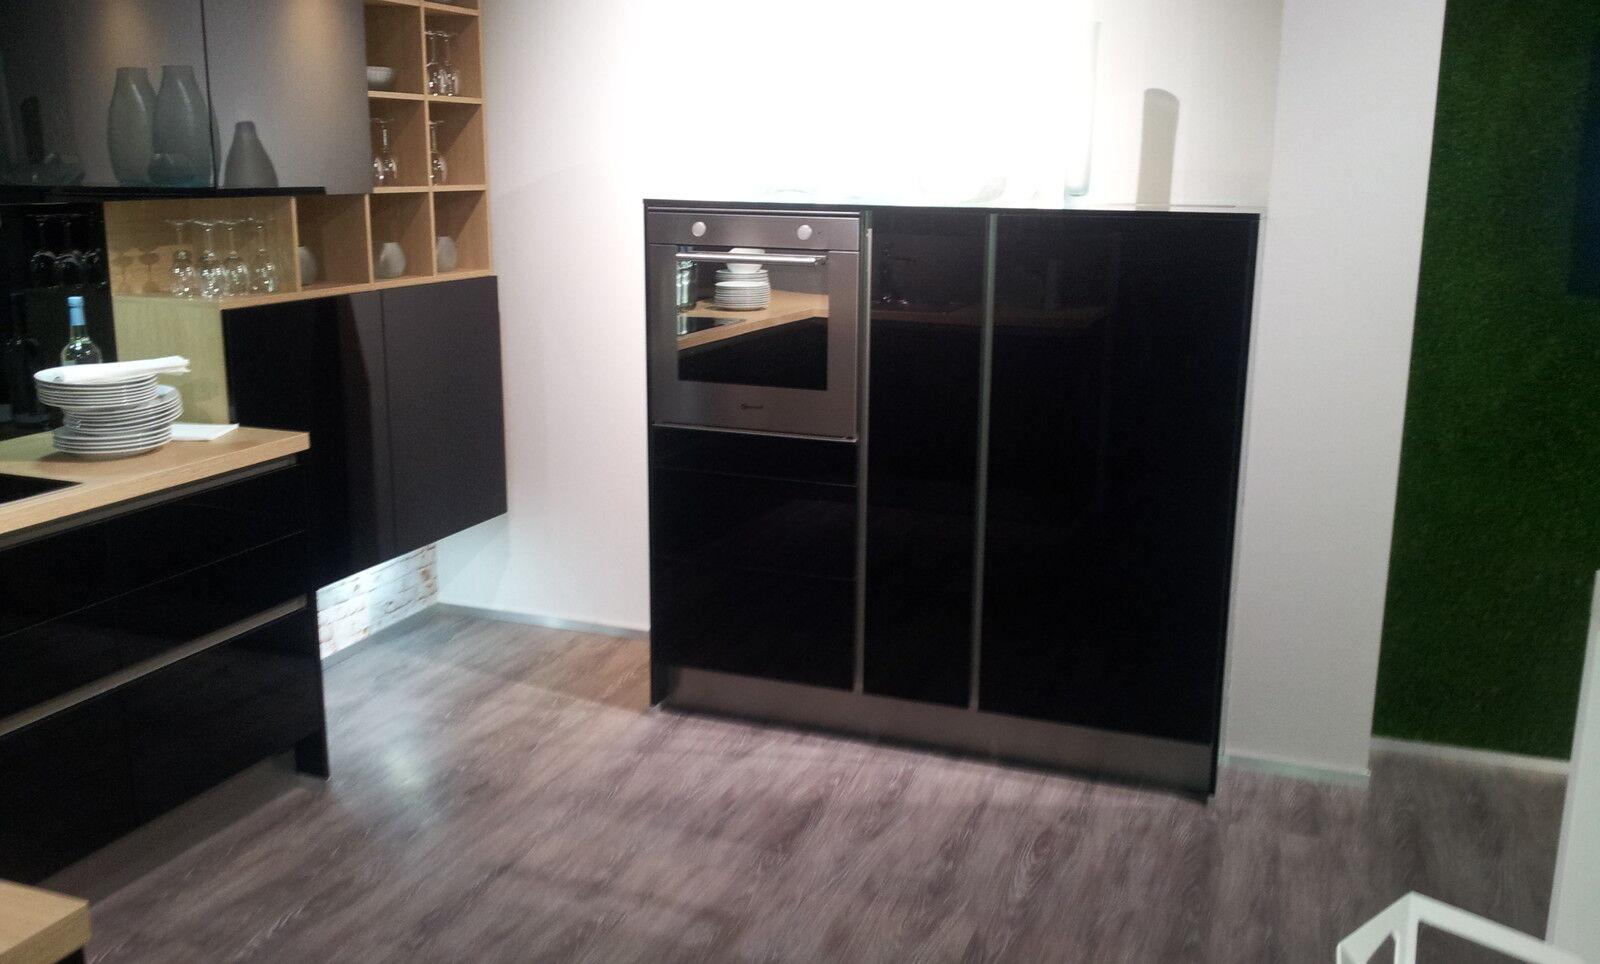 altano glos wohnk che einbauk che in schwarz hochglanz sonoma eiche musterk ch eur. Black Bedroom Furniture Sets. Home Design Ideas